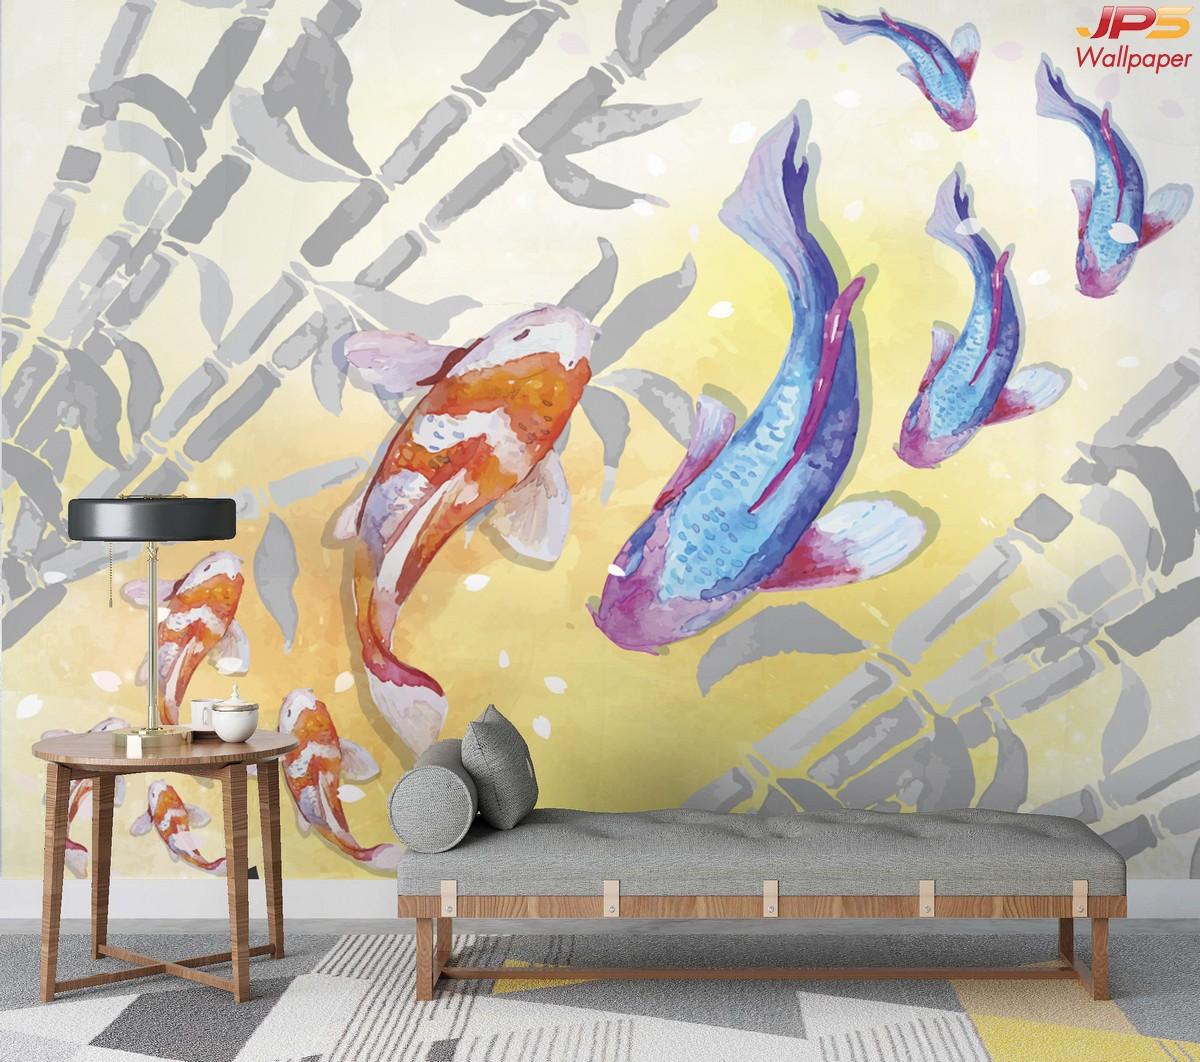 วอลเปเปอร์พิมพ์ลงบนผ้า รูปสั่งพิมพ์ฮวงจุ้ย ลายภาพวาดปลาคราฟ กับต้นไผ่